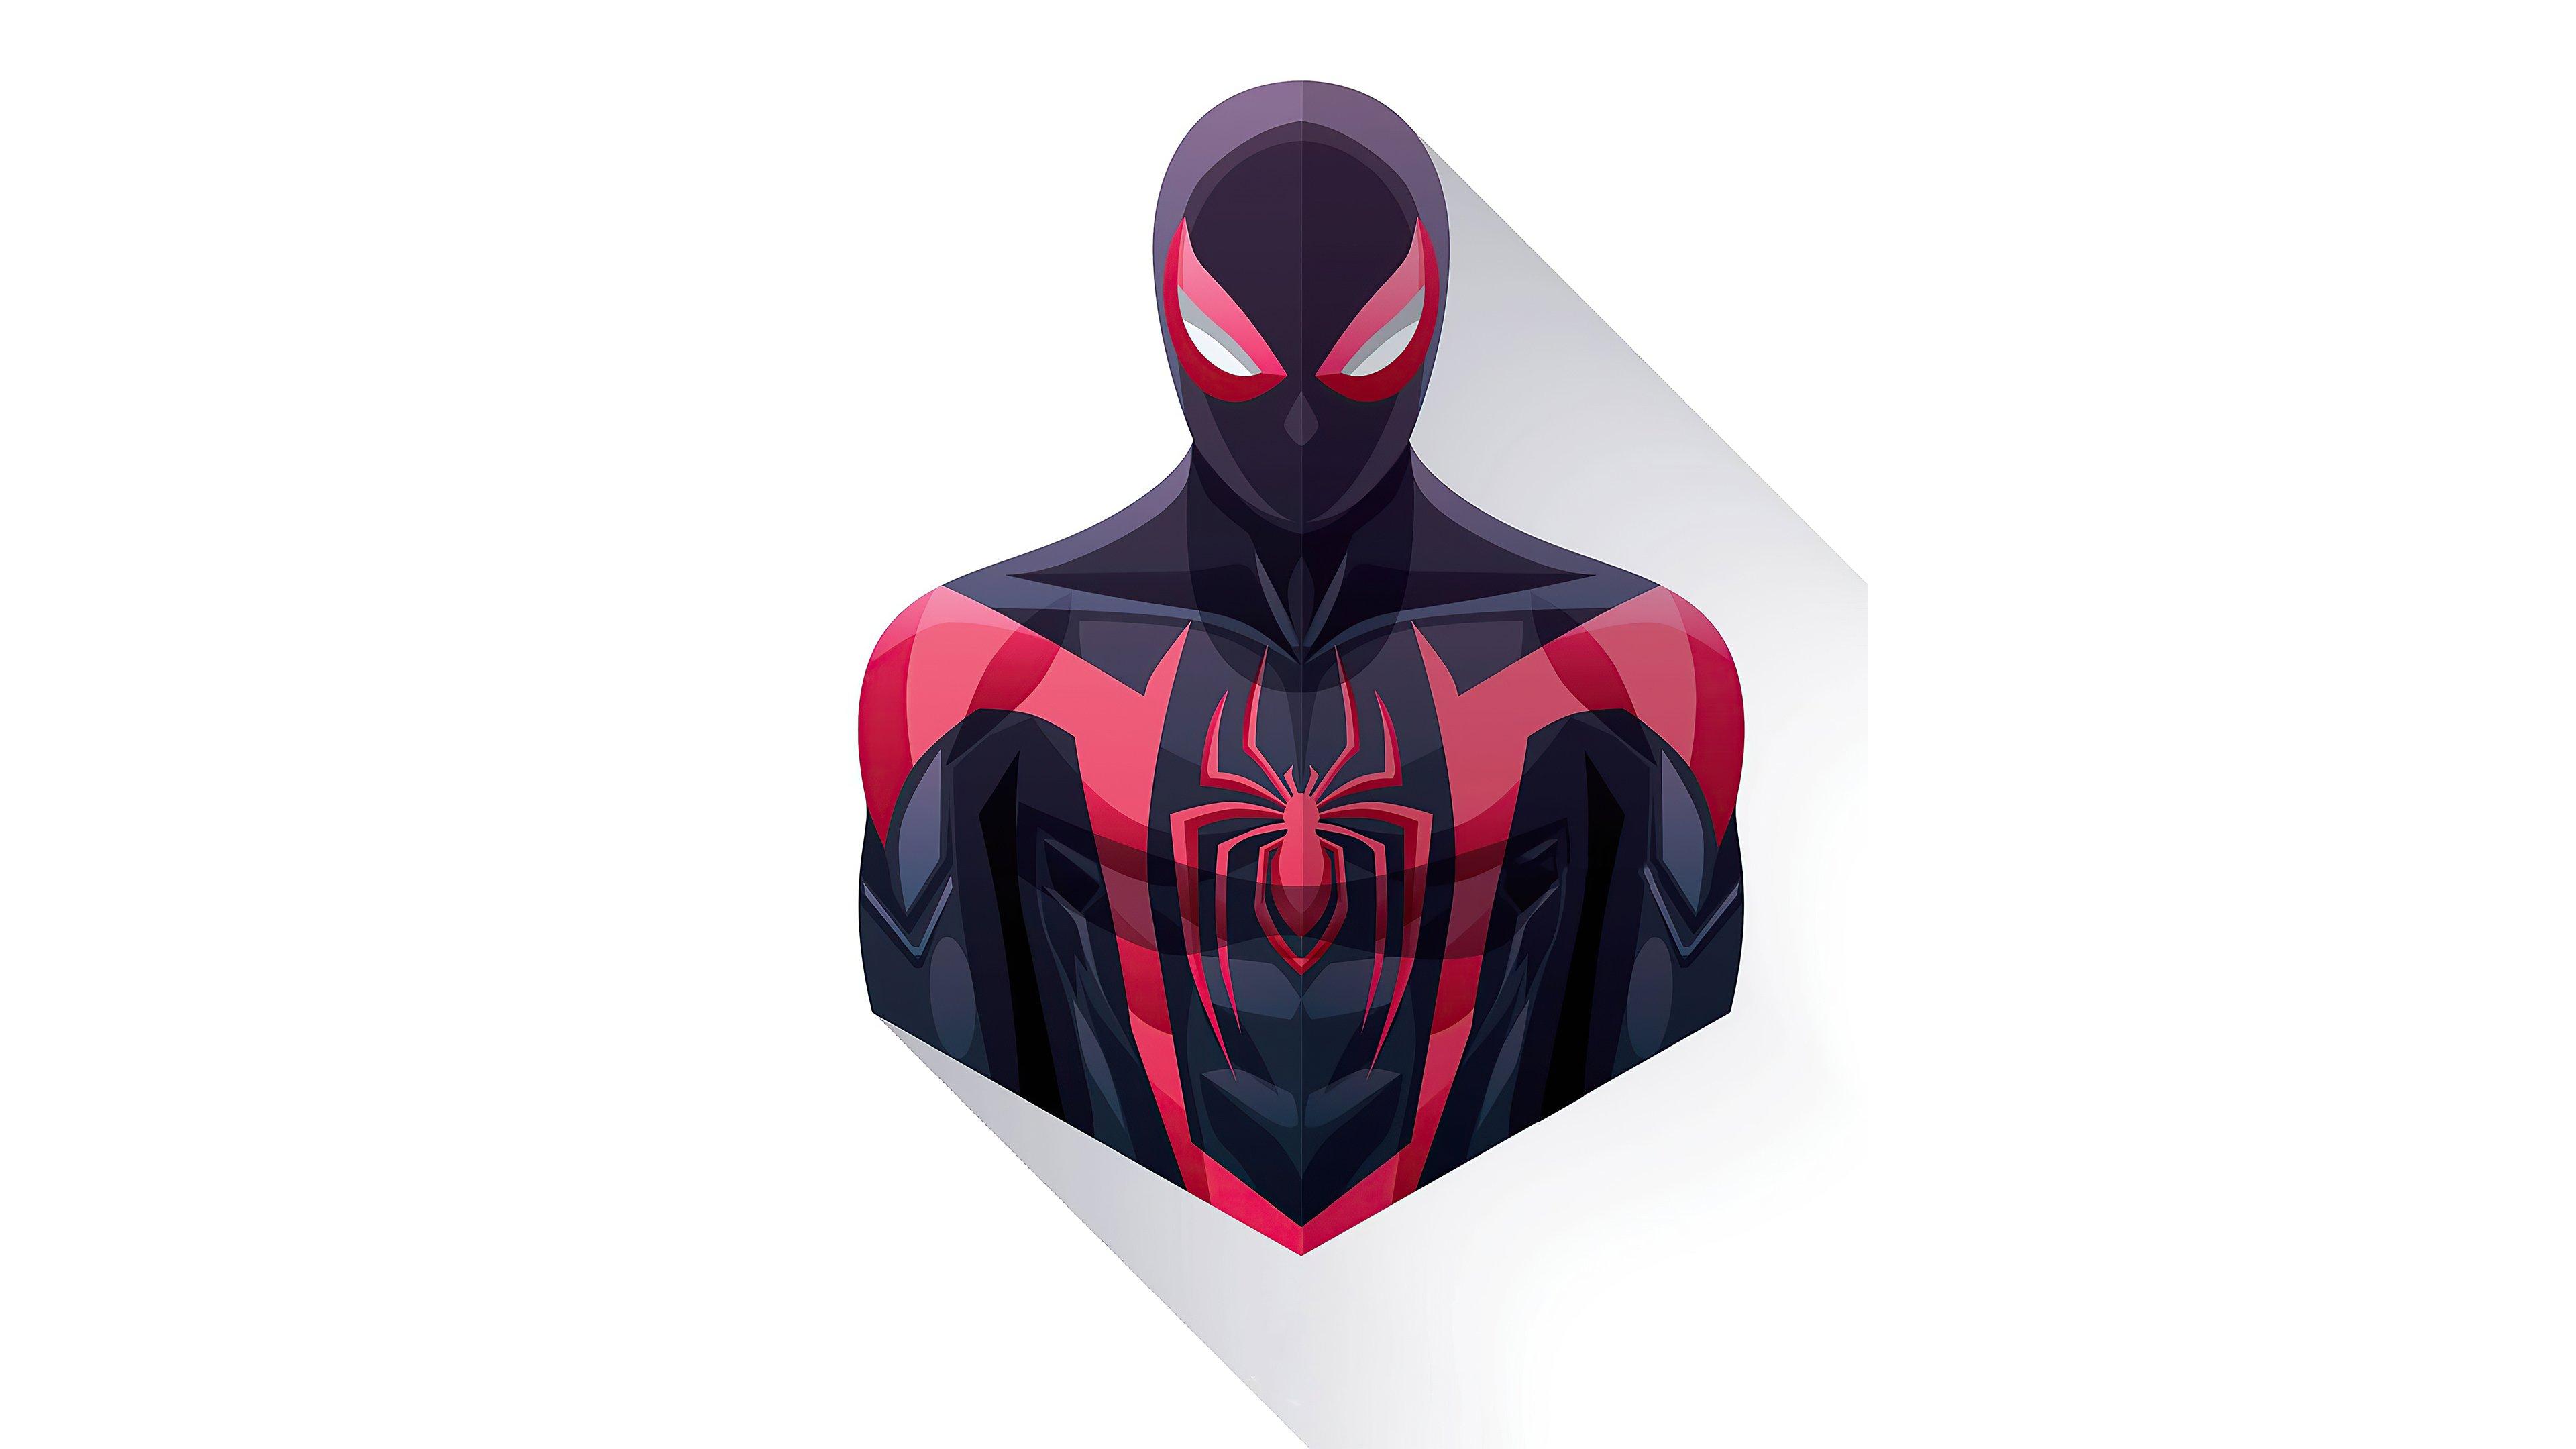 Fondos de pantalla Spiderman Negro estilo minimalista